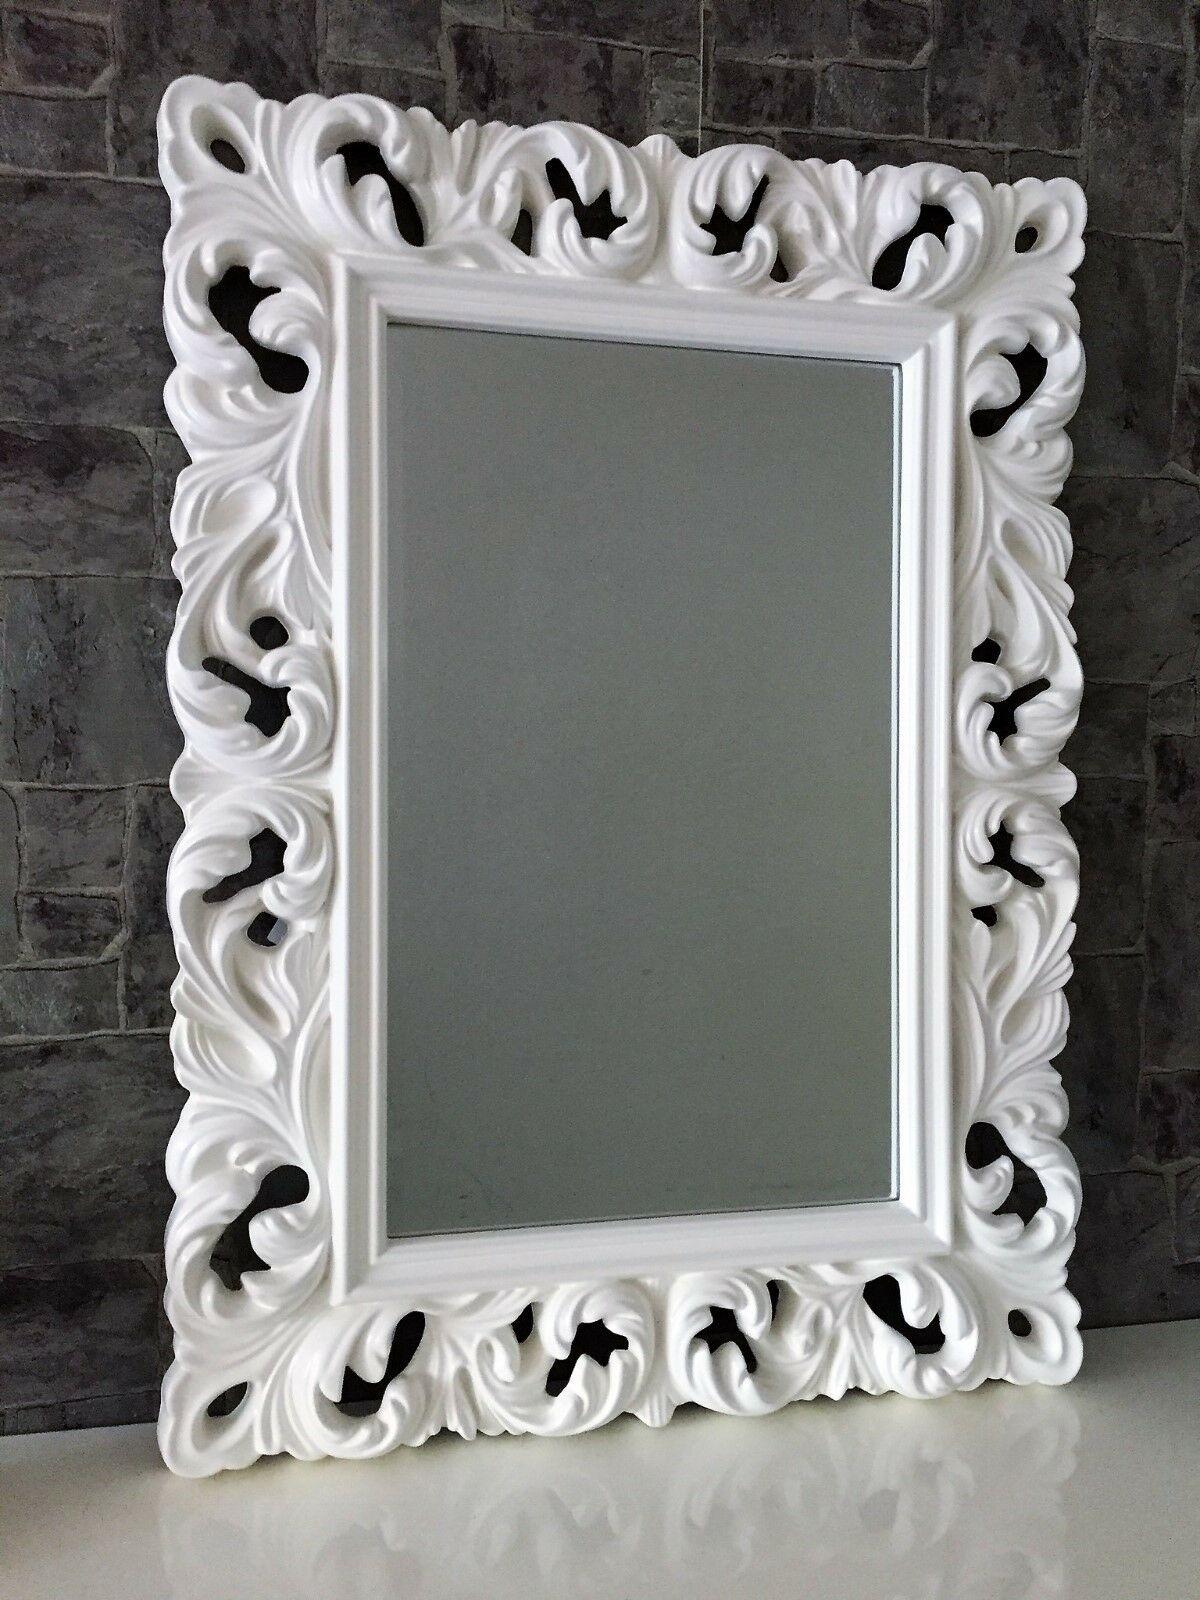 flurspiegel kaufen free spiegel wandspiegel flurspiegel badspiegel pappenheim gold x am gren. Black Bedroom Furniture Sets. Home Design Ideas